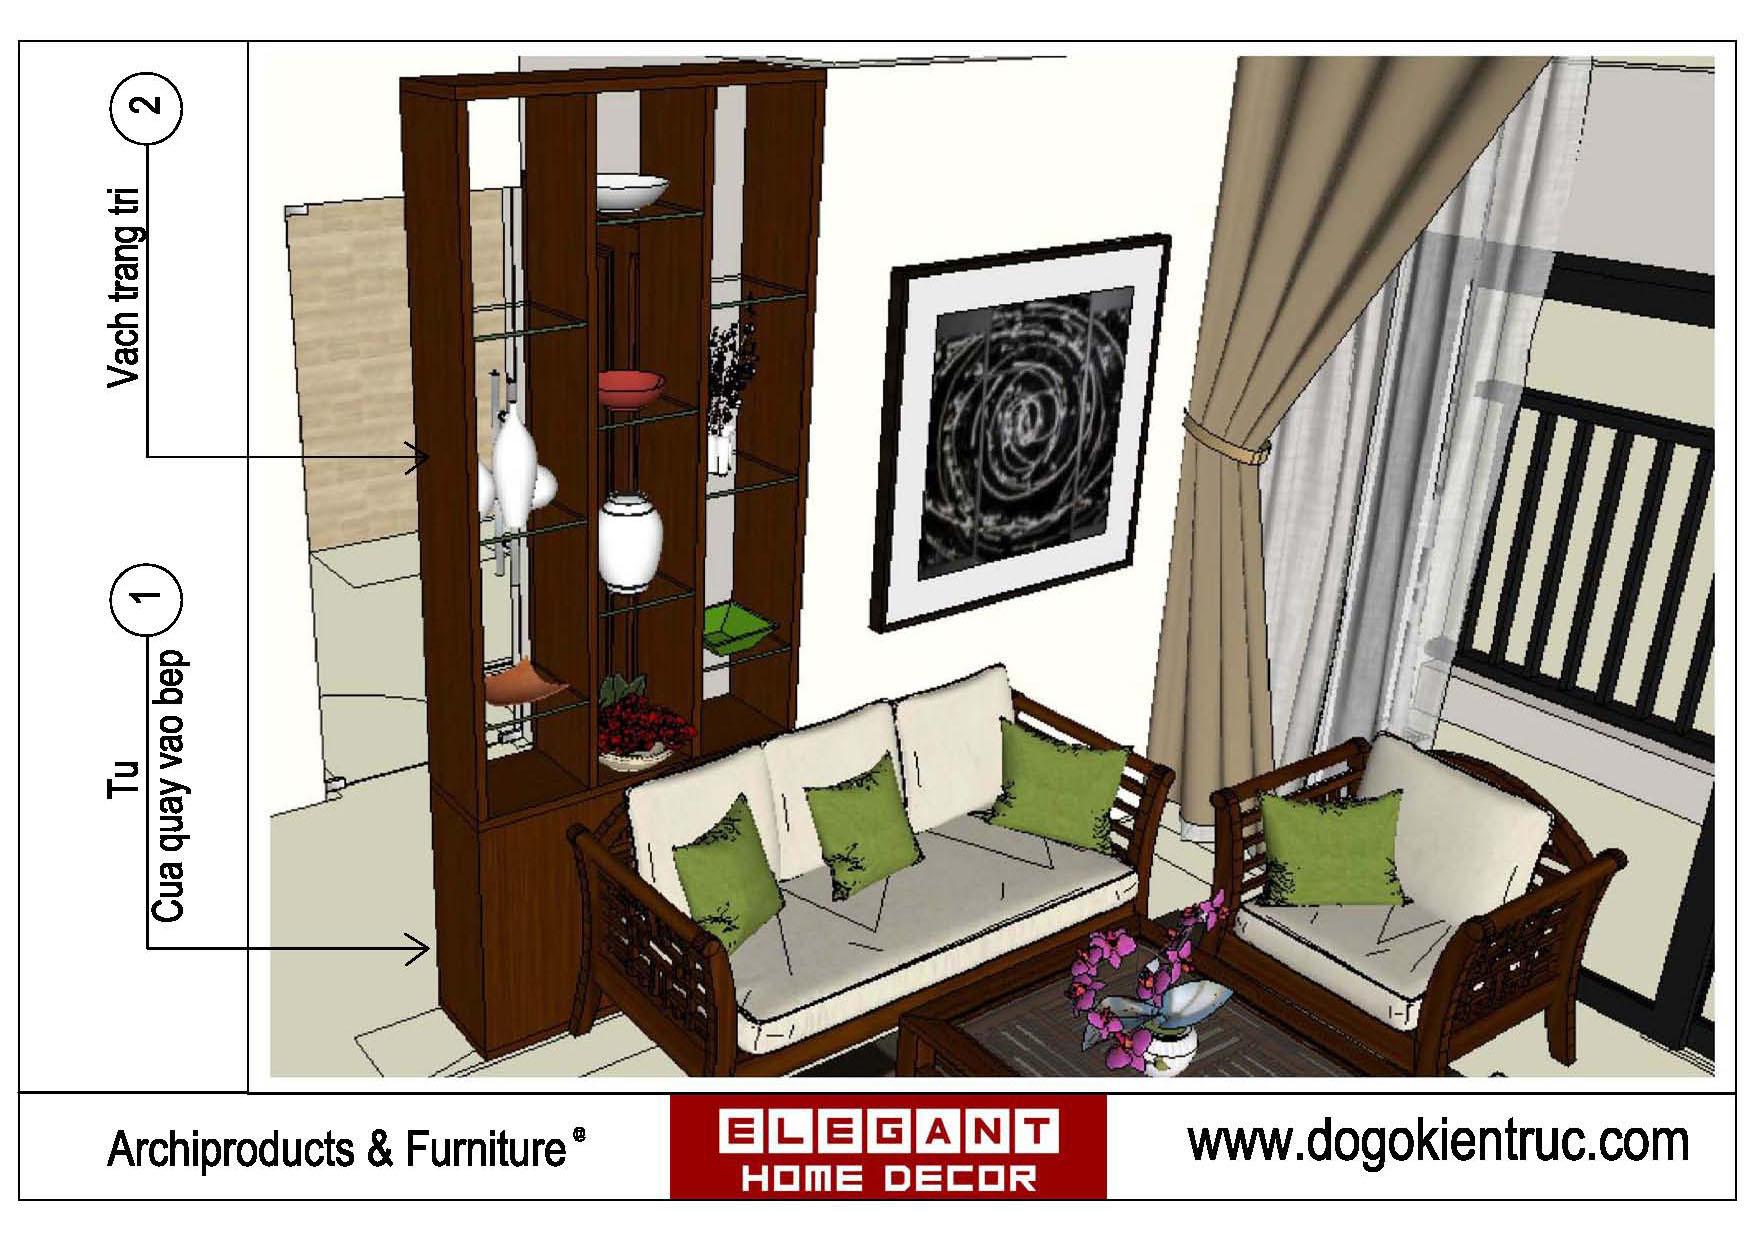 mẫu ghế sofa đẹp phong cách hiện đâị, grand bois